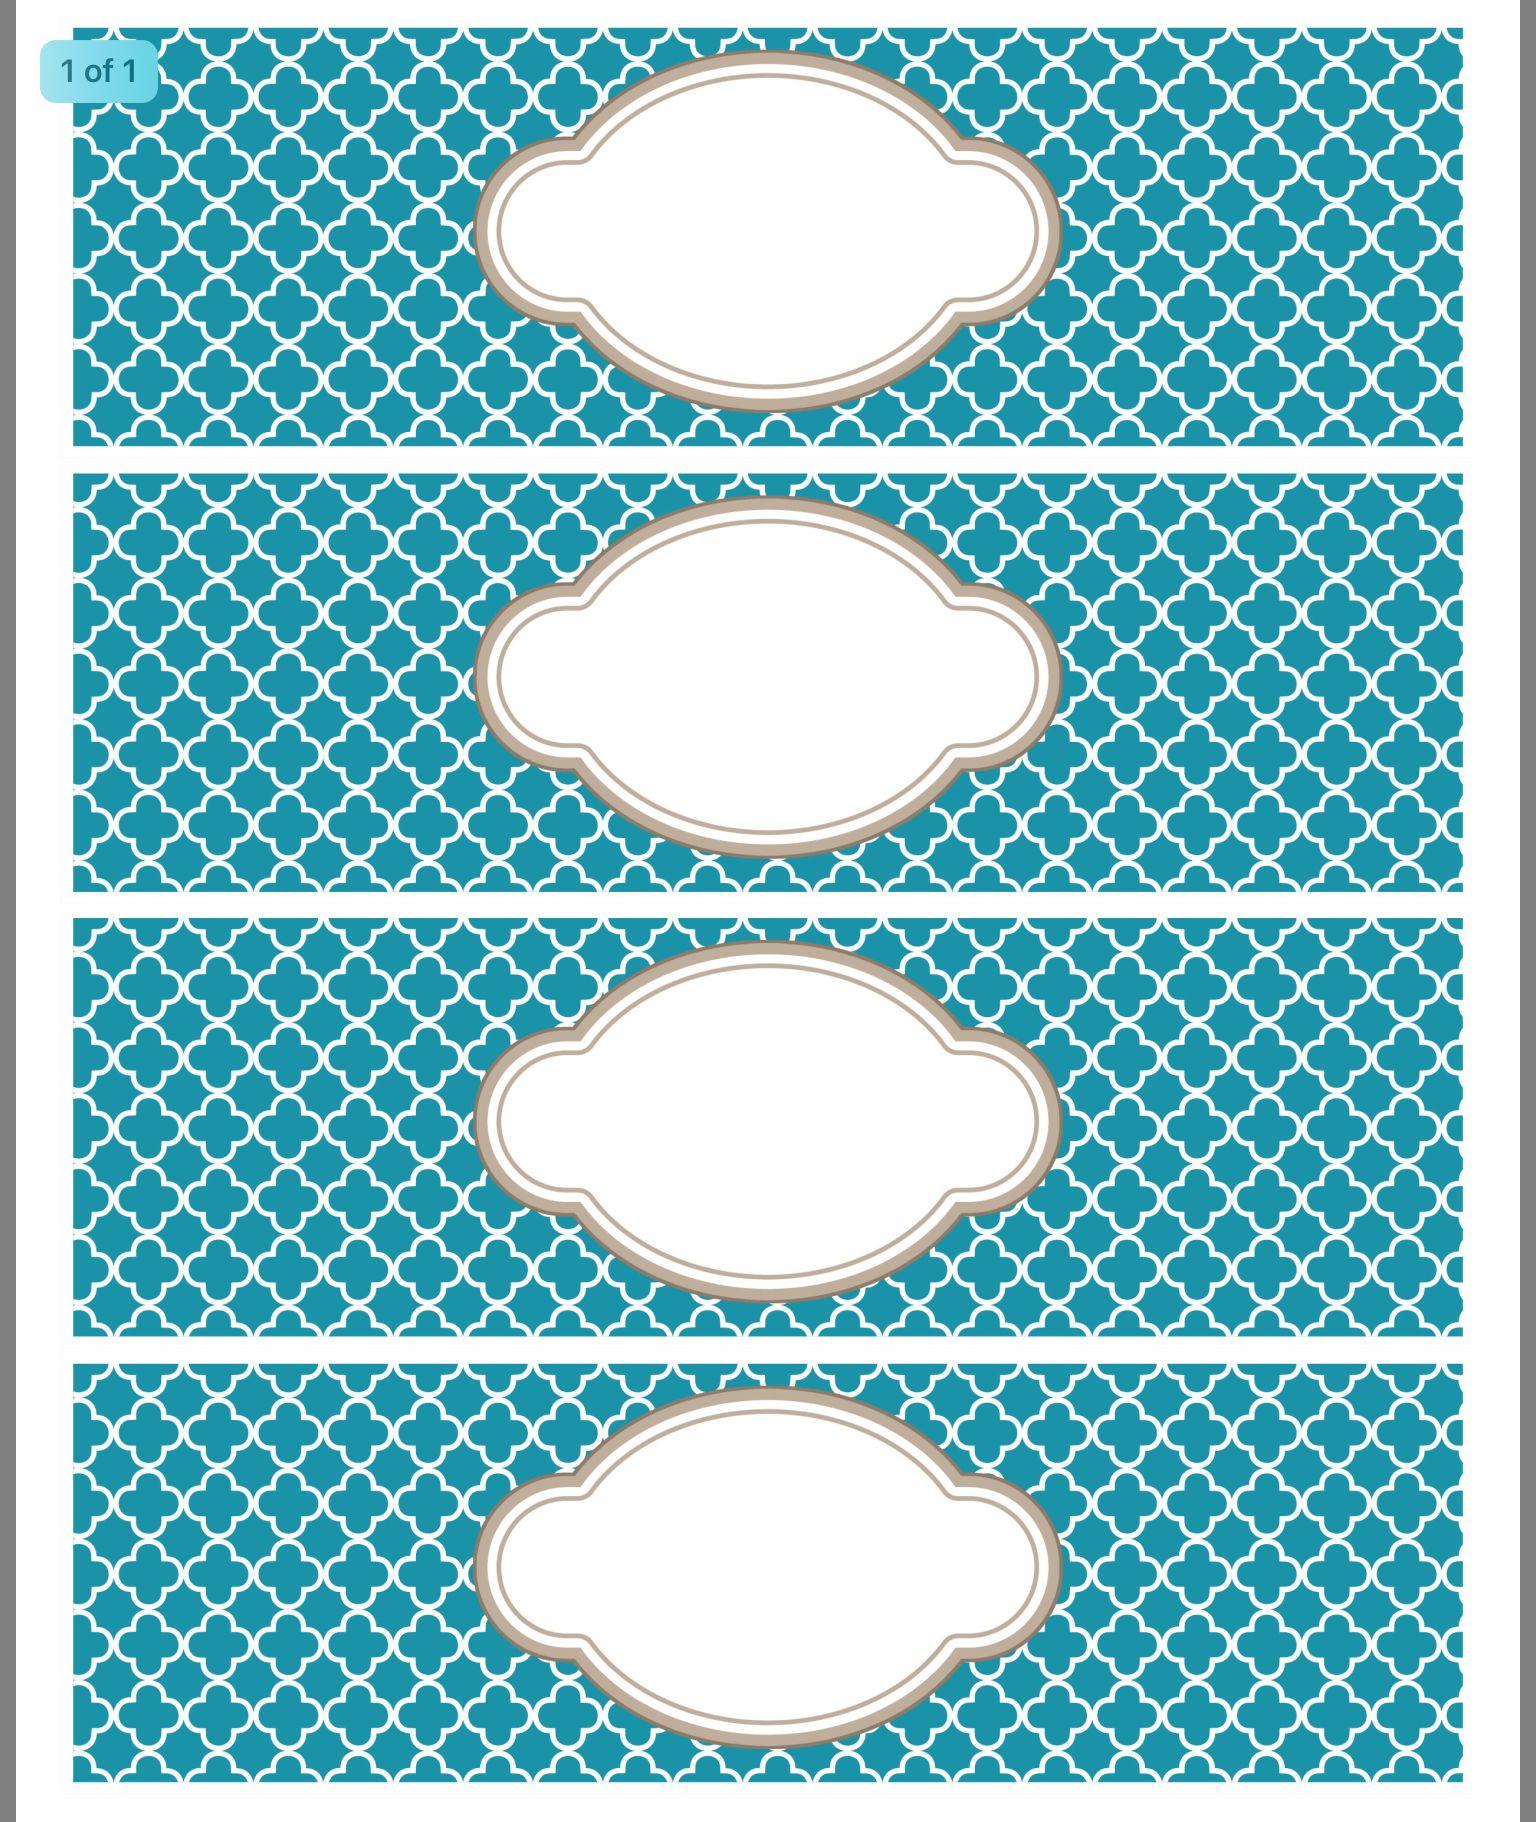 Pin De Katinka Em Printables Etiquetas Para Impressão Sabonetes Artesanais Sabonetes